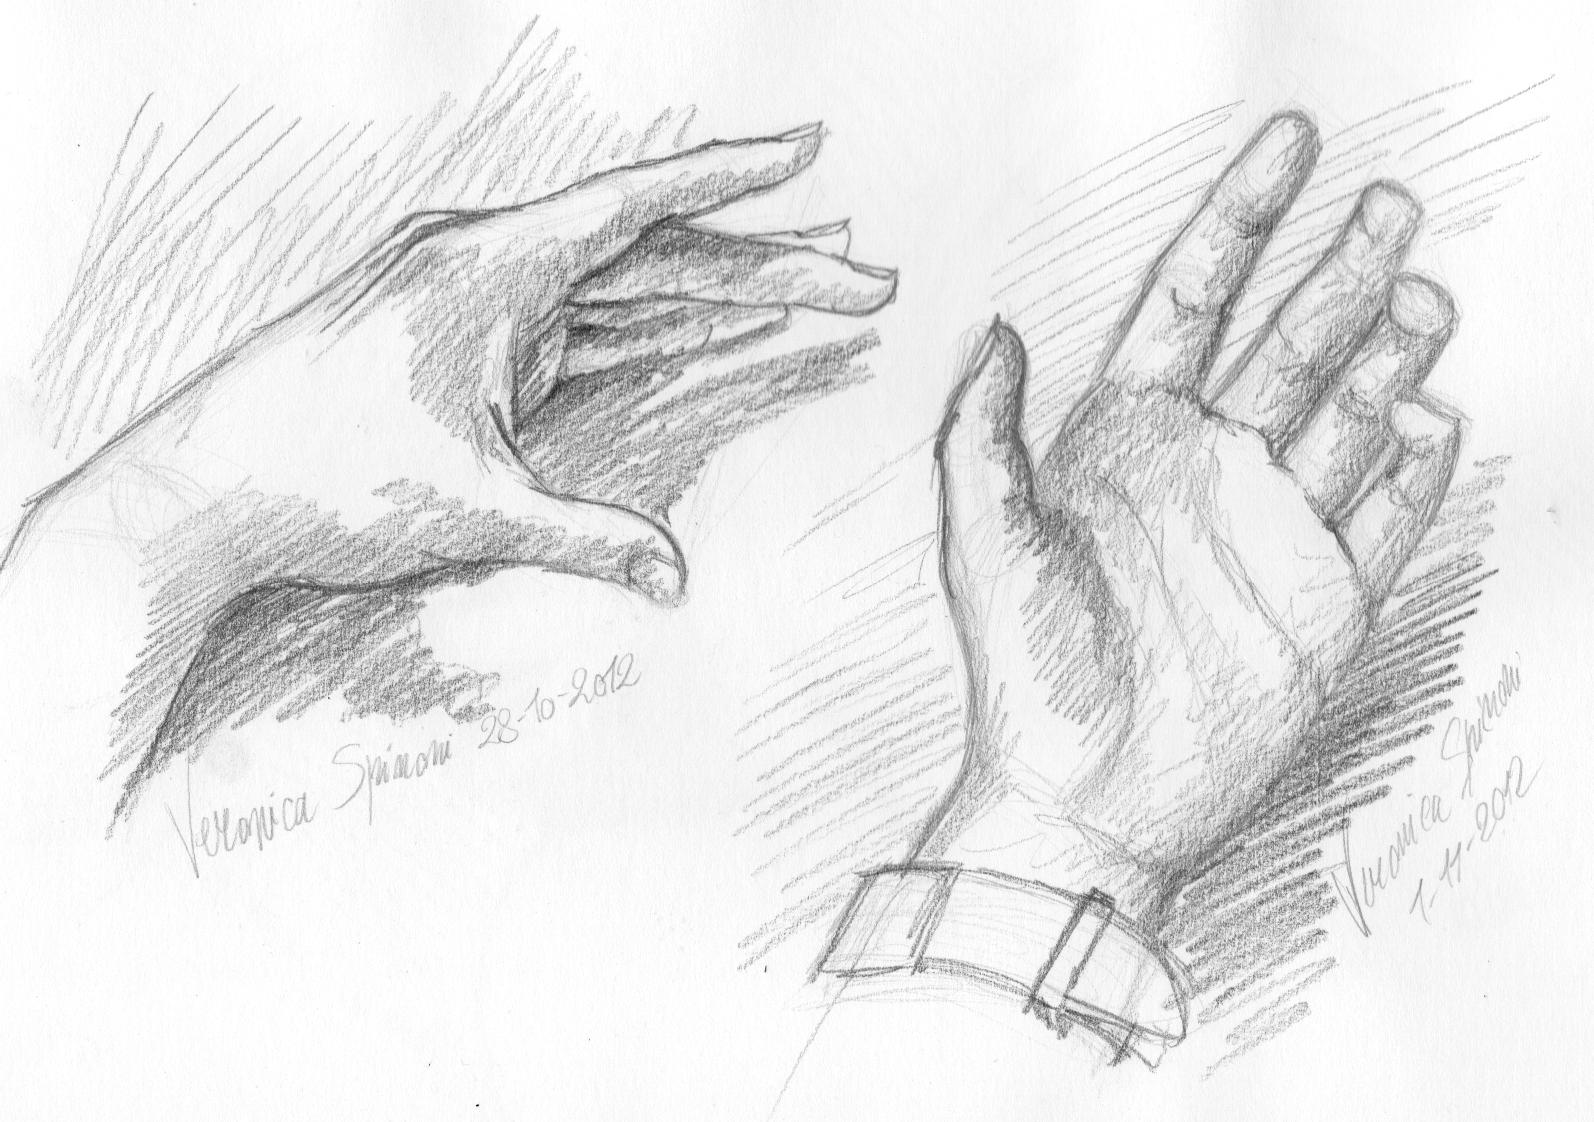 Wunderkammer novembre 2012 for Disegni facili da disegnare a mano libera